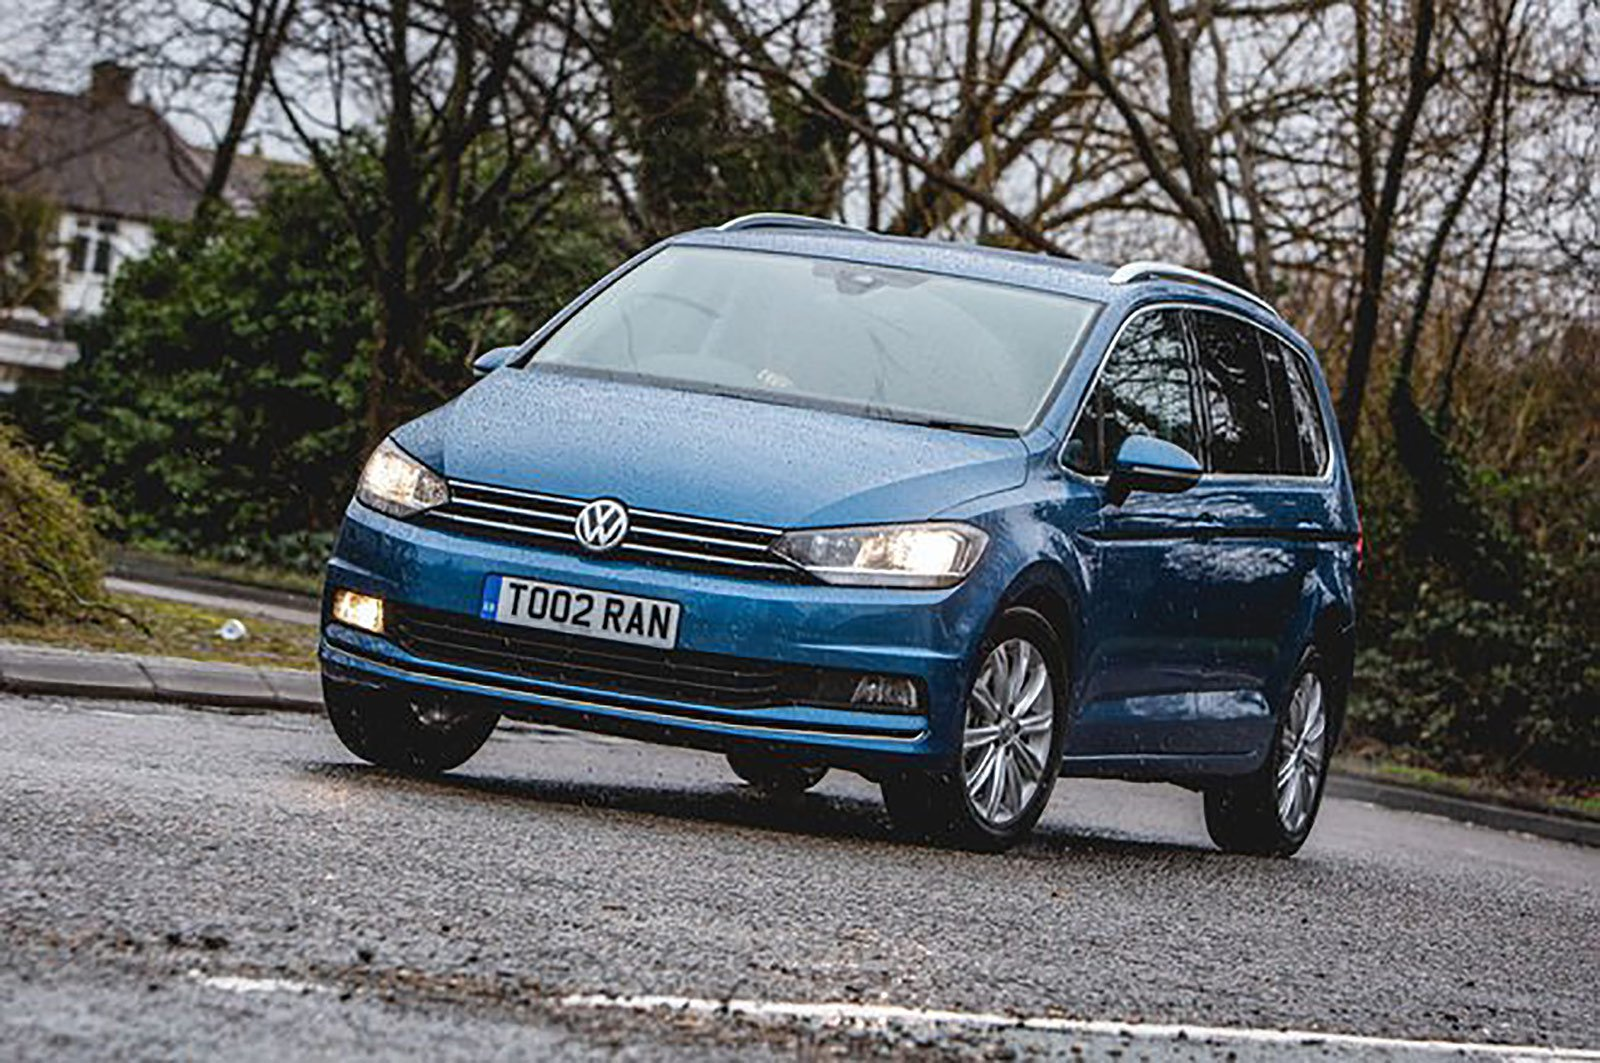 Volkswagen Touran front